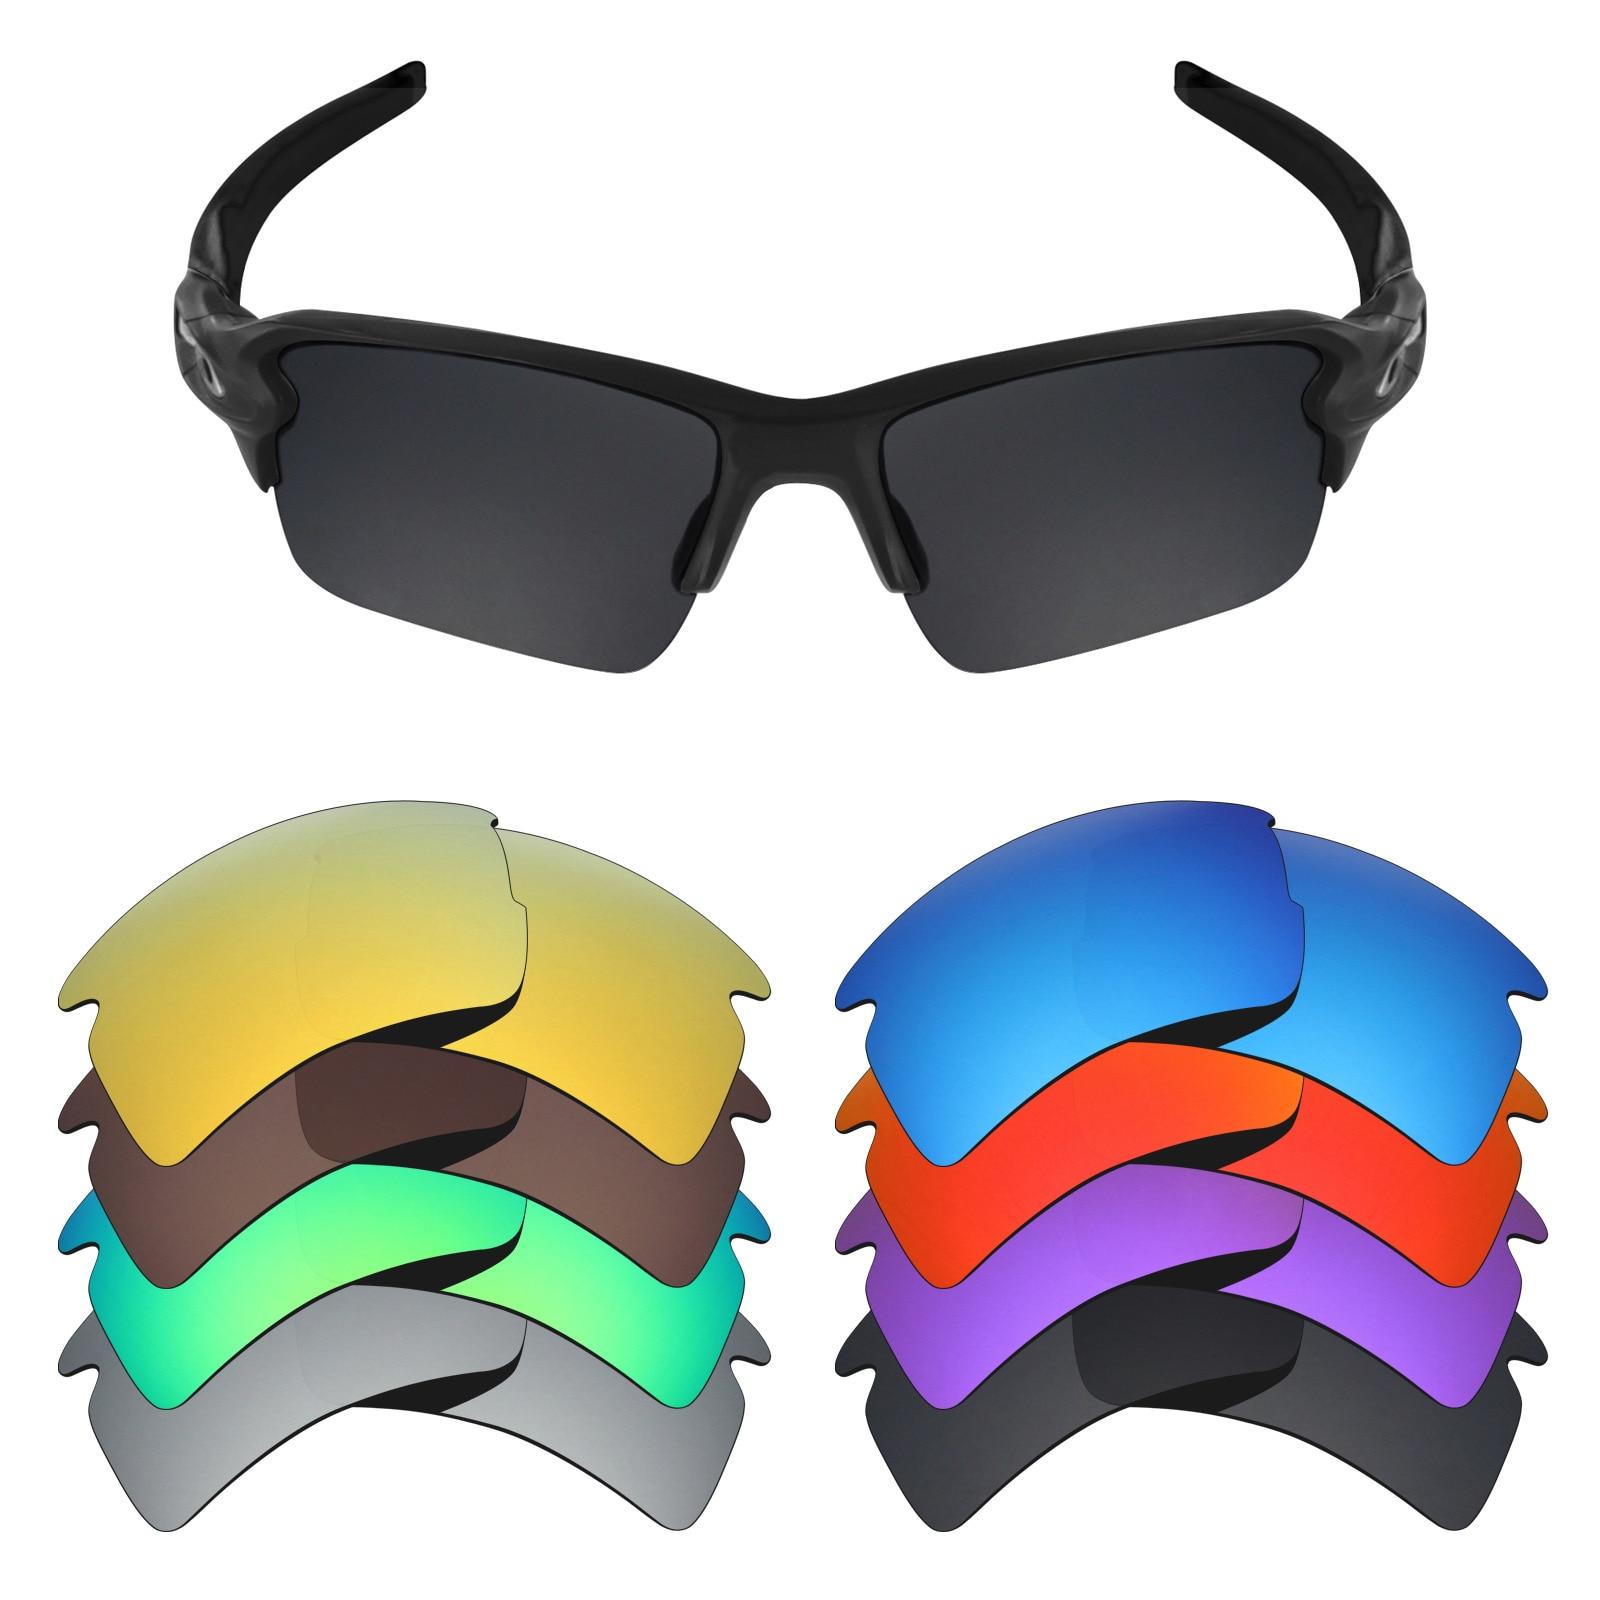 fddfa4780d3b8 Mryok Polarizada Lentes de Reposição para Lentes De Óculos De Sol Oakley  2.0 XL (Lente